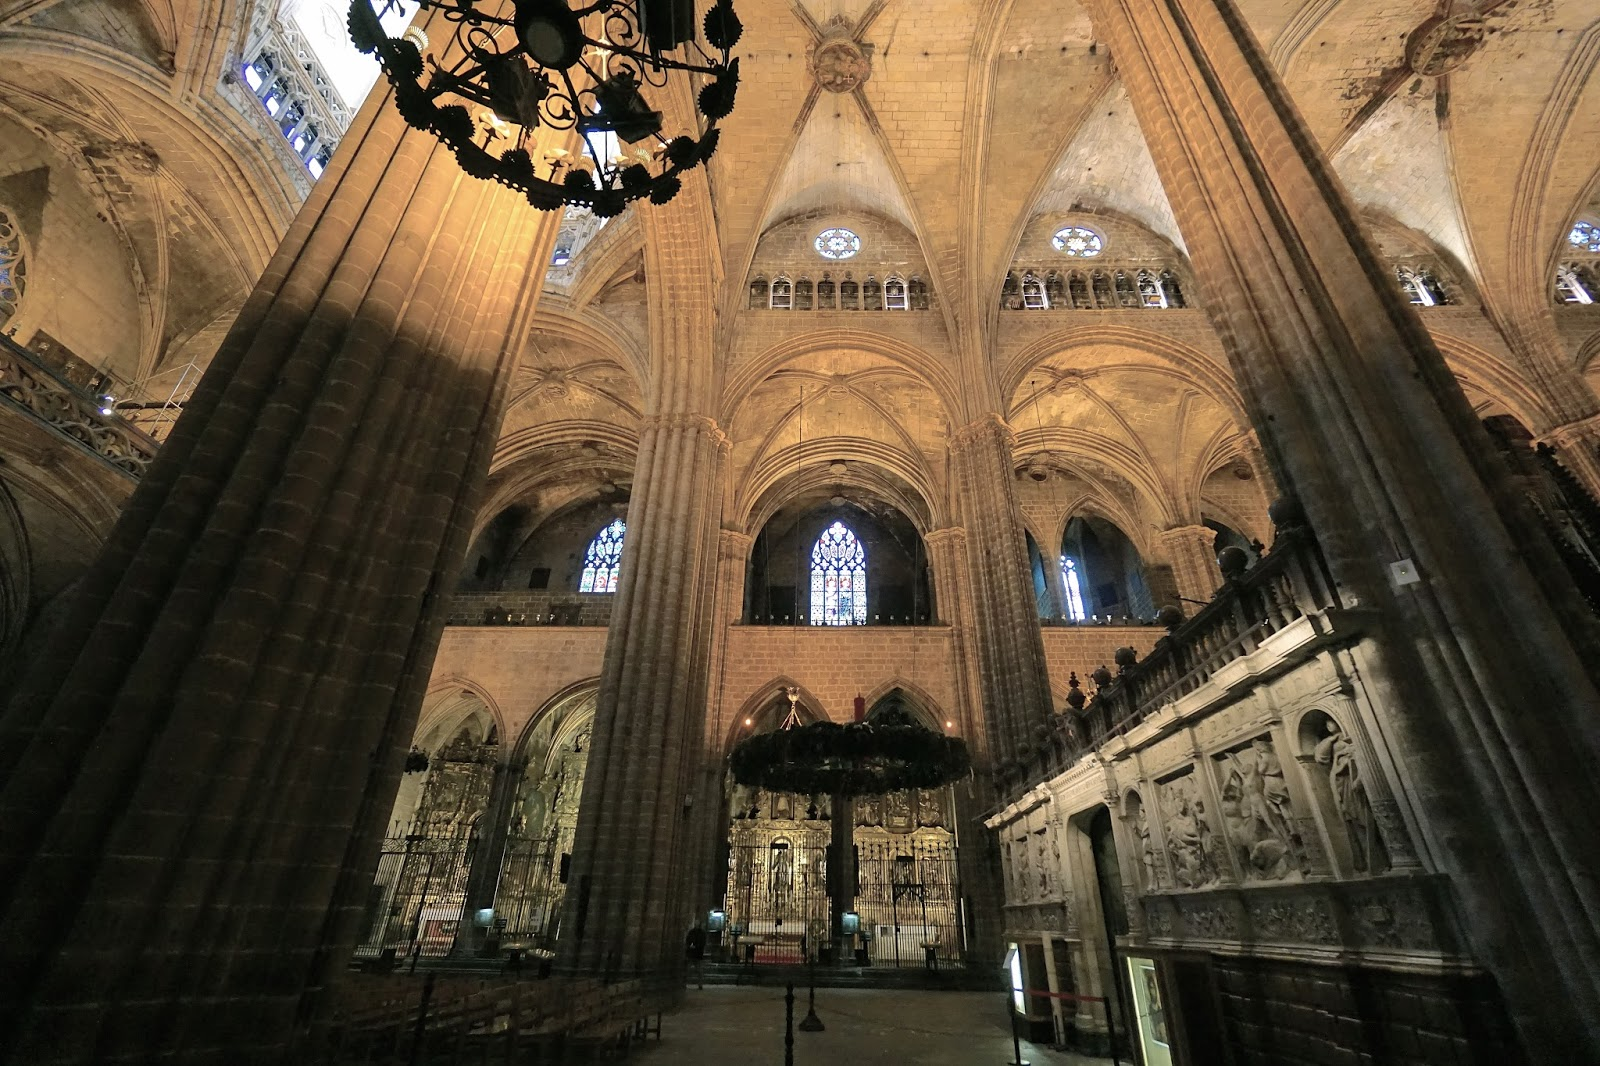 サンタ・クレウ・イ・サンタ・エウラリア大聖堂(La Catedral de la Santa Creu i Santa Eulàlia)